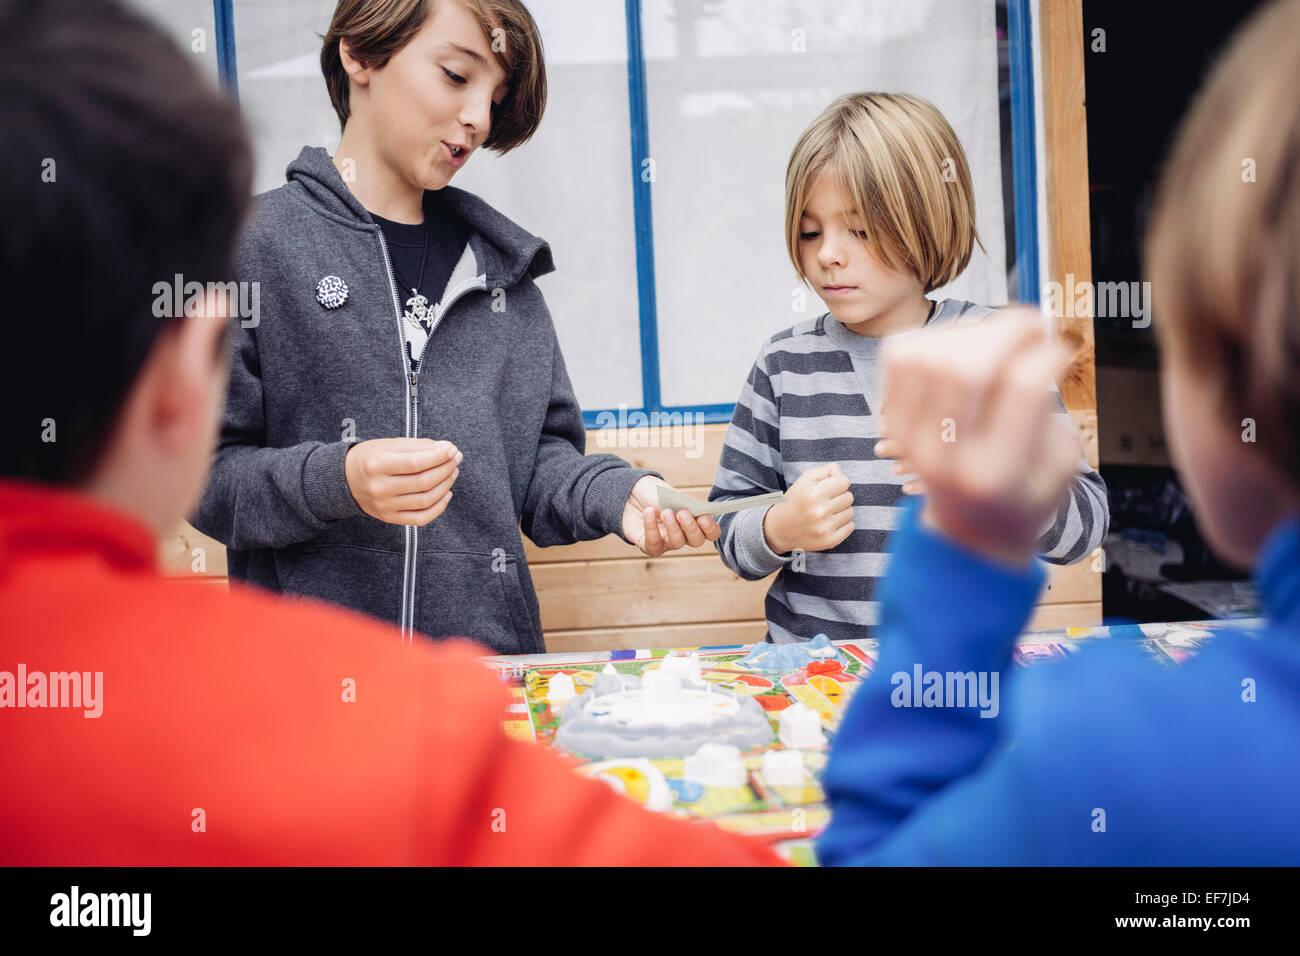 Kinder spielen mit Spielzeug Stockbild